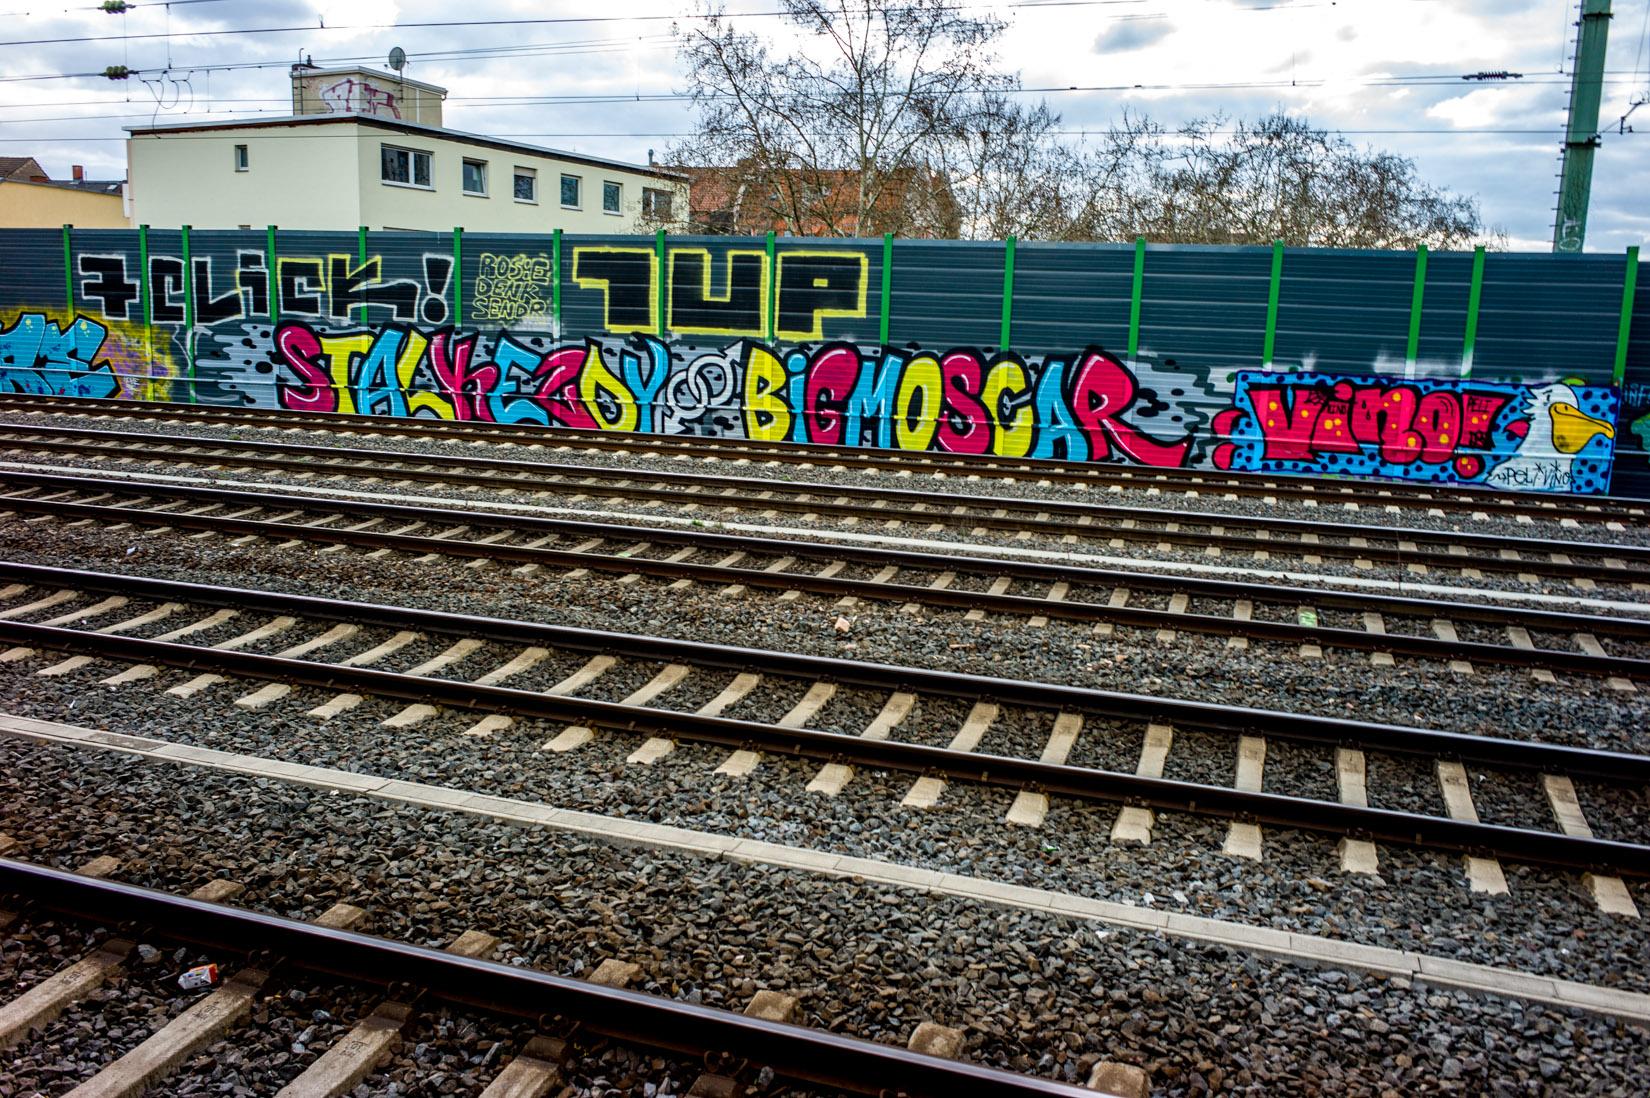 Frankfurt_Graffiti_Gallus Warte_2014-03 (37 von 45)